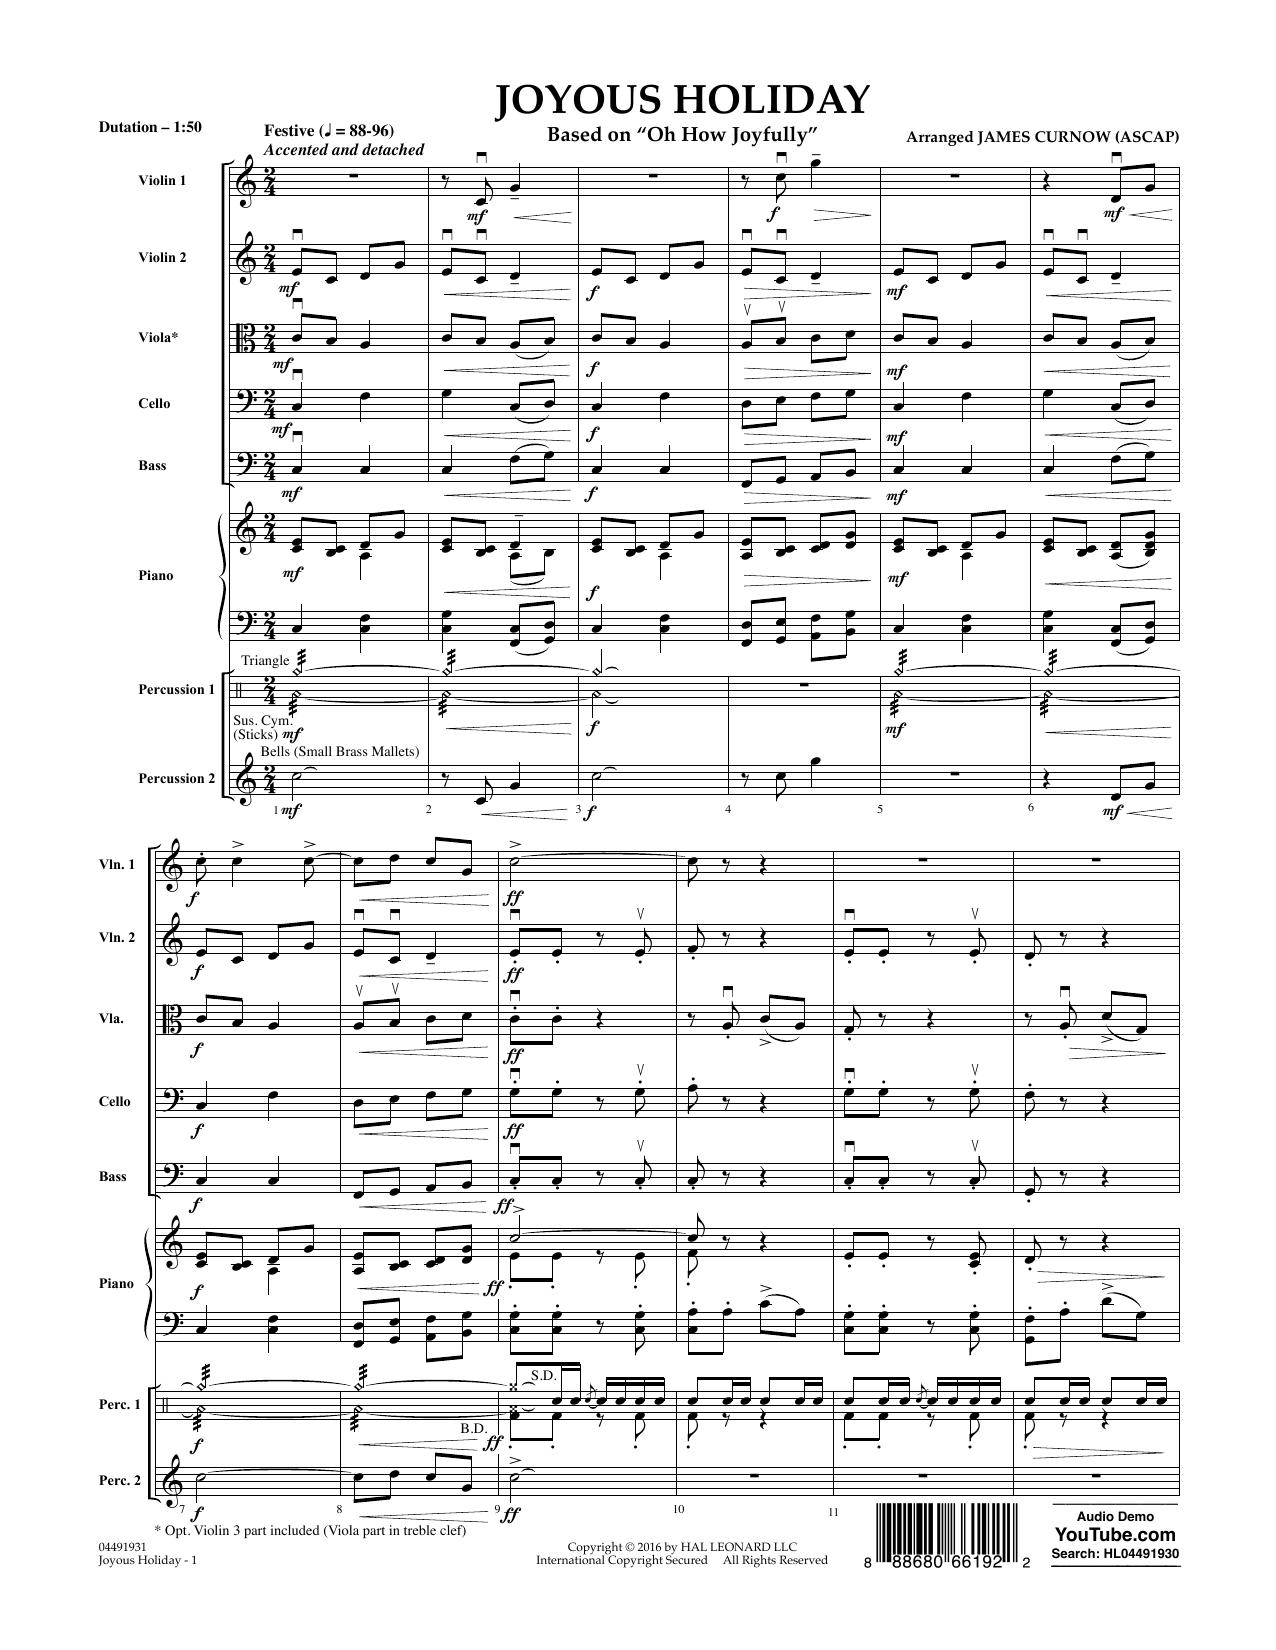 Joyous Holiday (based on Oh How Joyfully) - Conductor Score (Full Score) Sheet Music